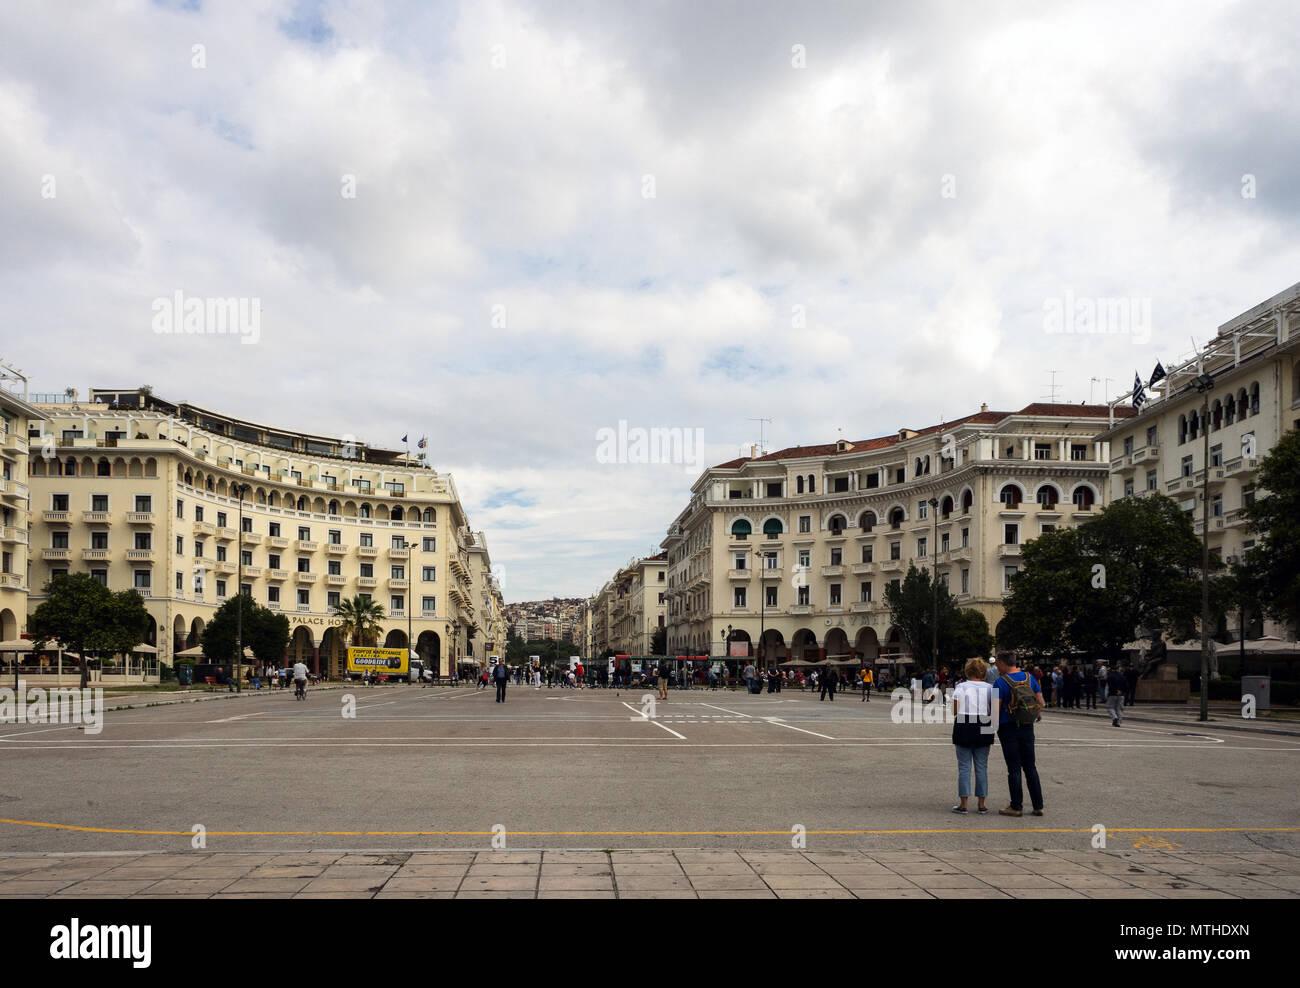 Thessaloniki, Greece, 09/28/2017: Aristotelous square in Thessaloniki - Stock Image